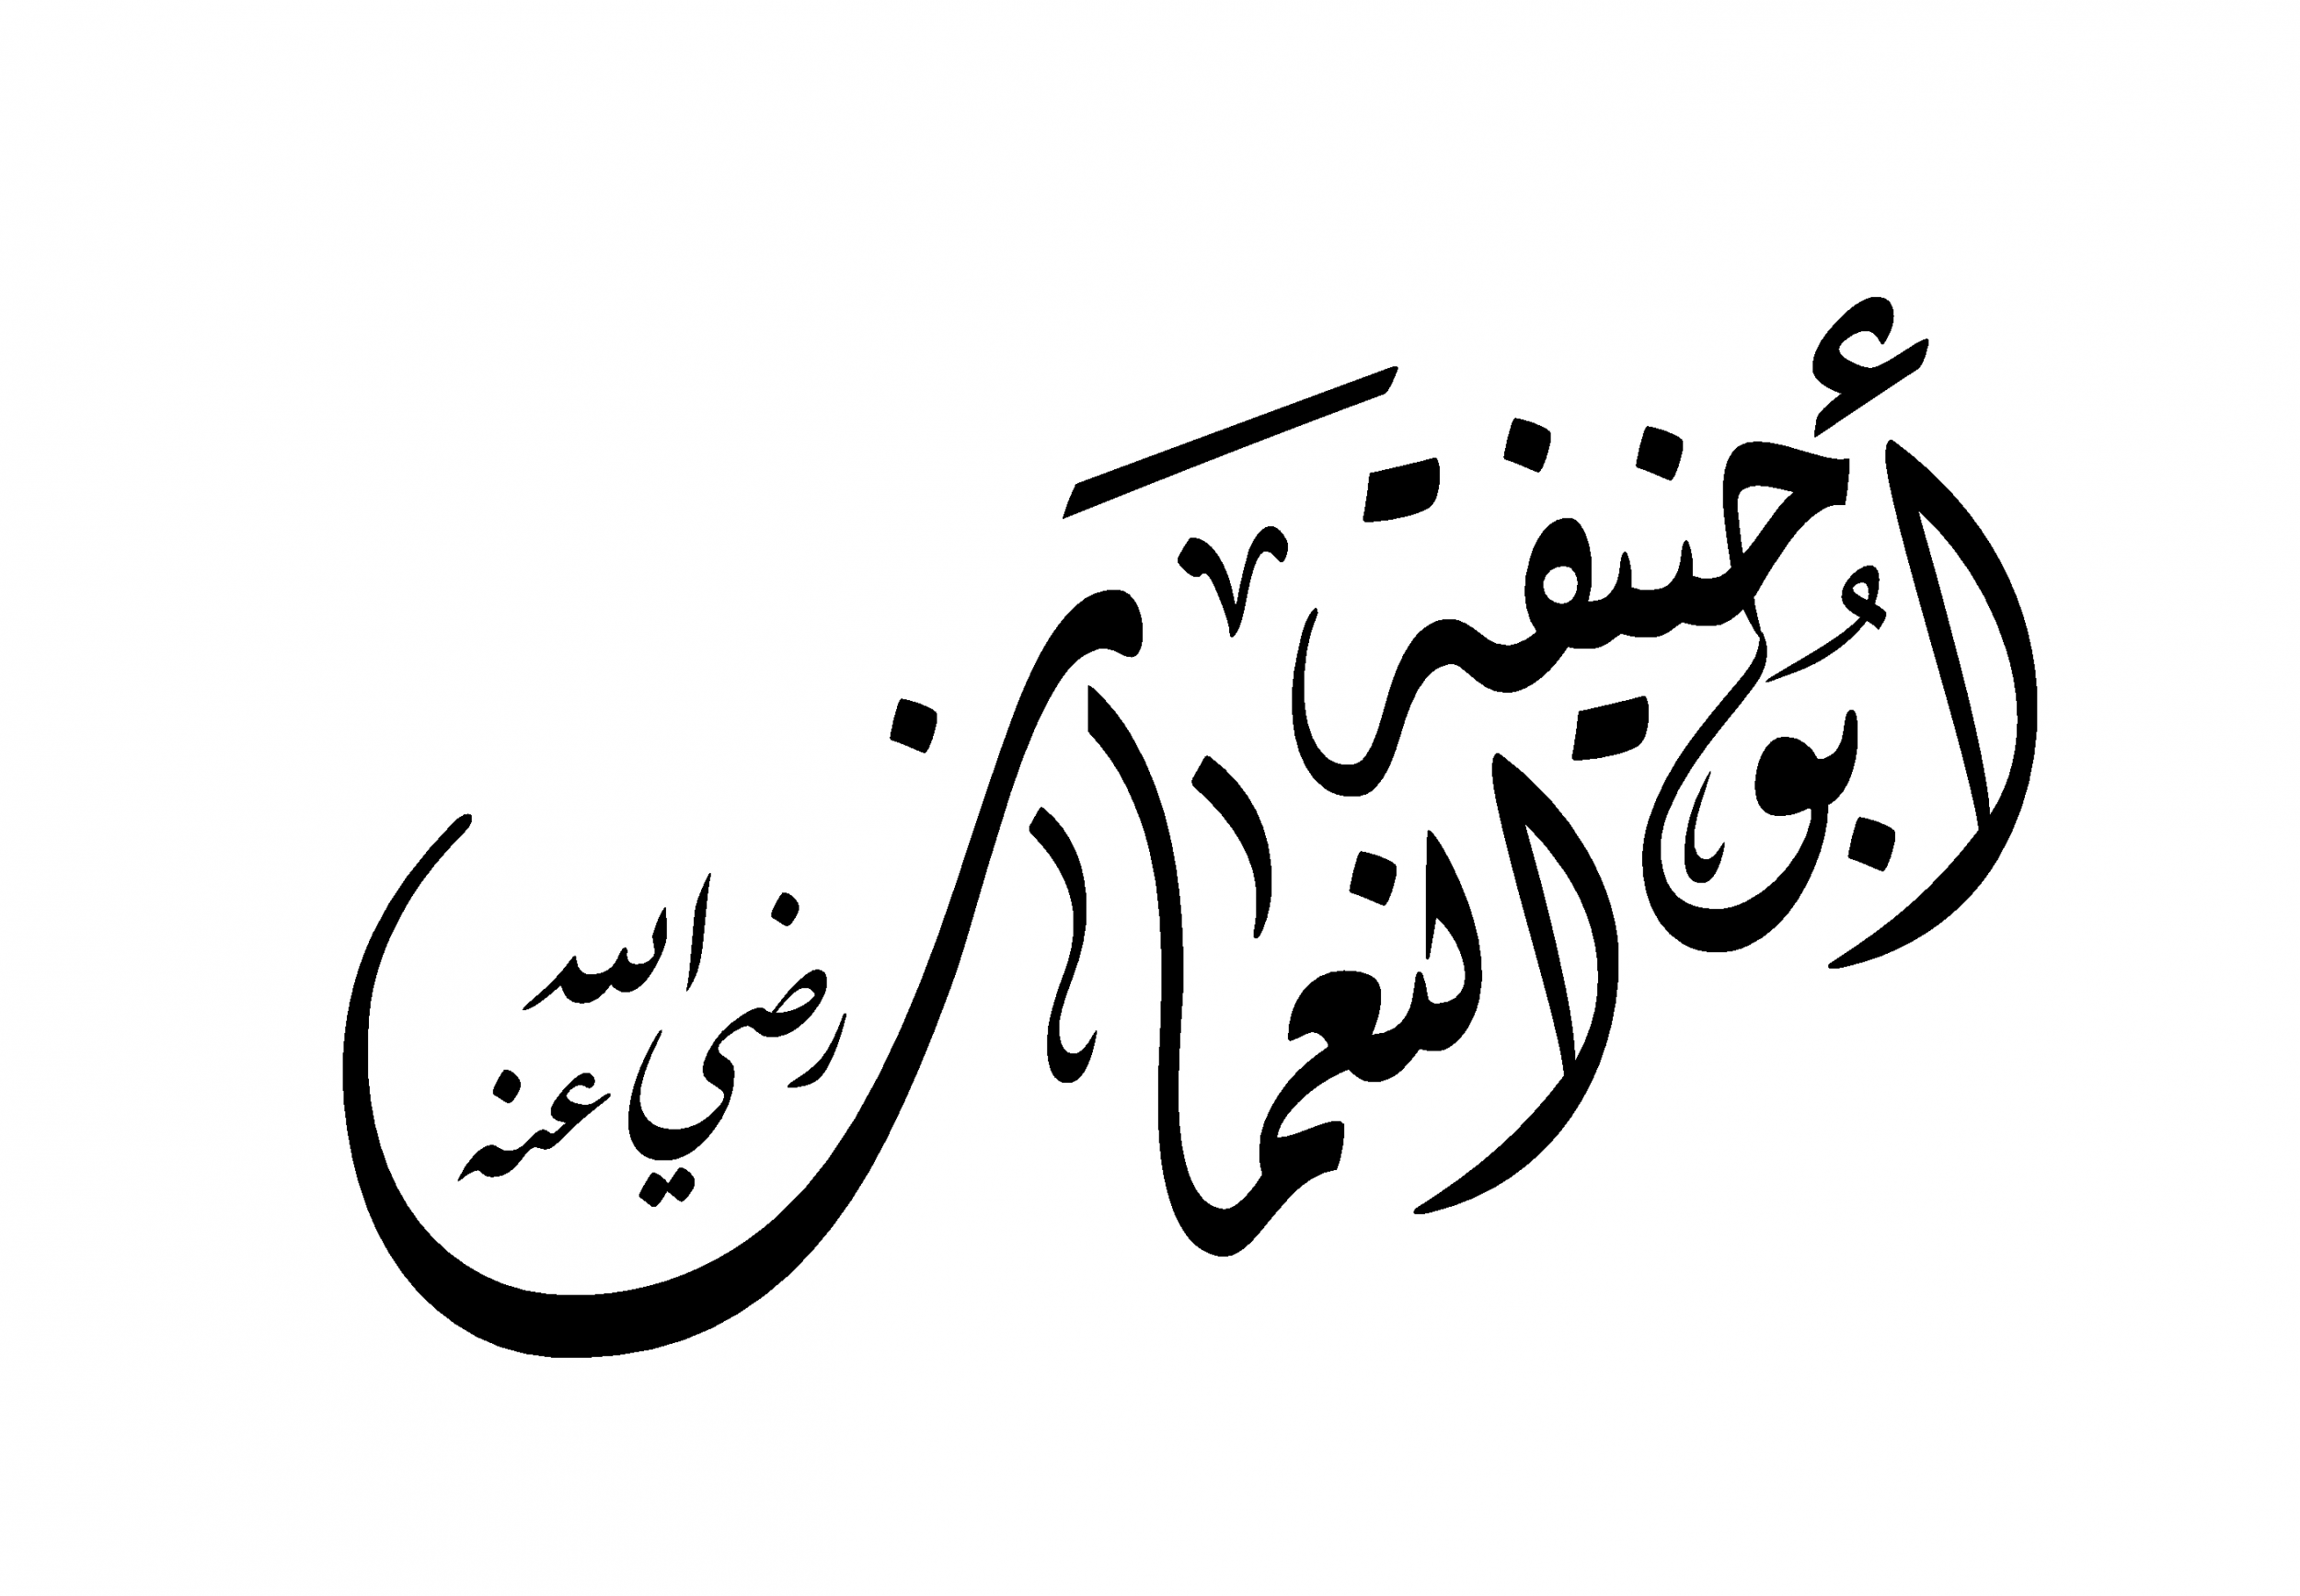 صورة من استاذ الامام ابو حنيفة